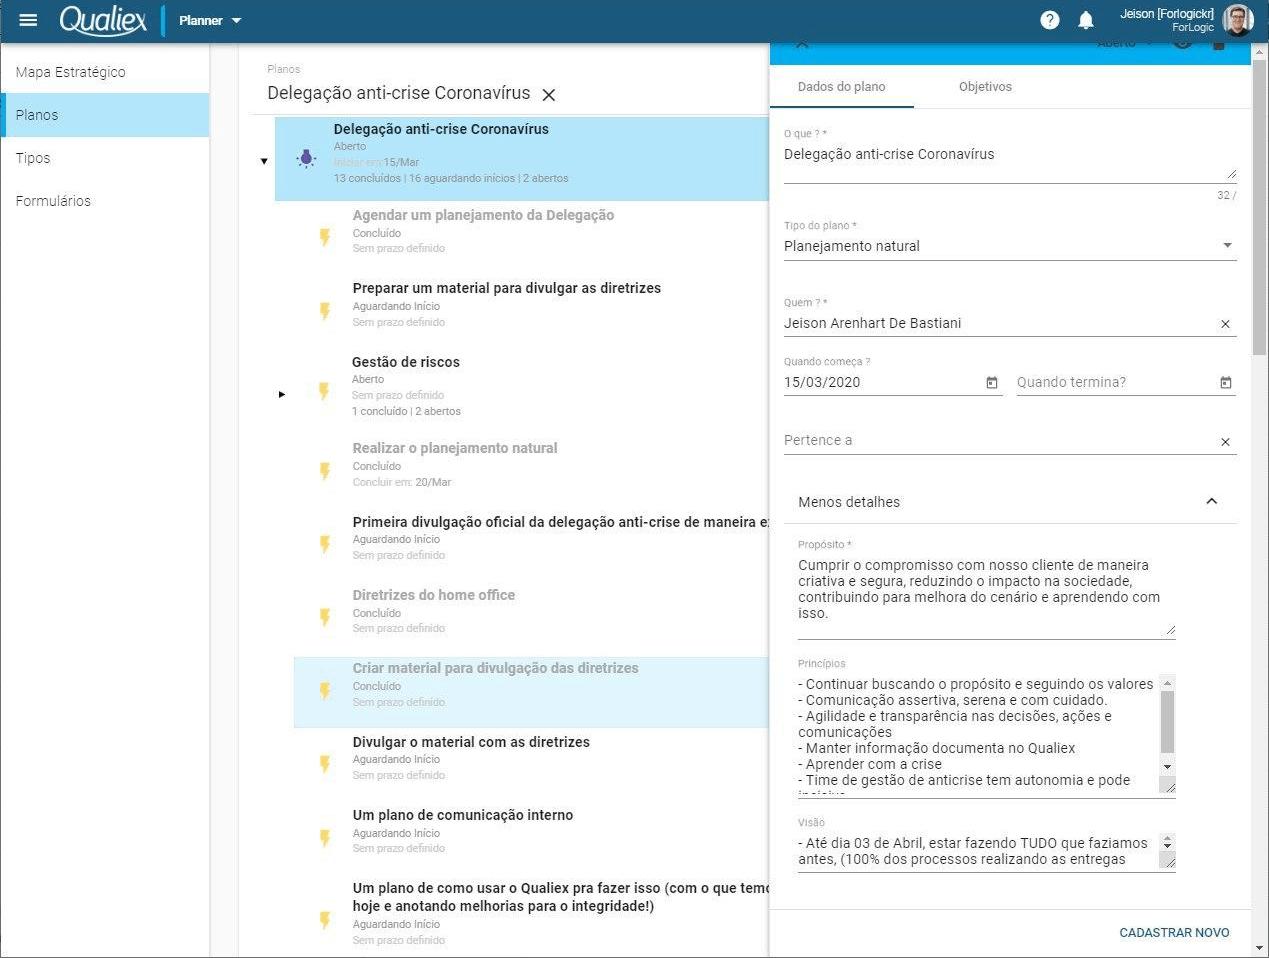 Captura de tela do Planner: Software para gestão estratégica